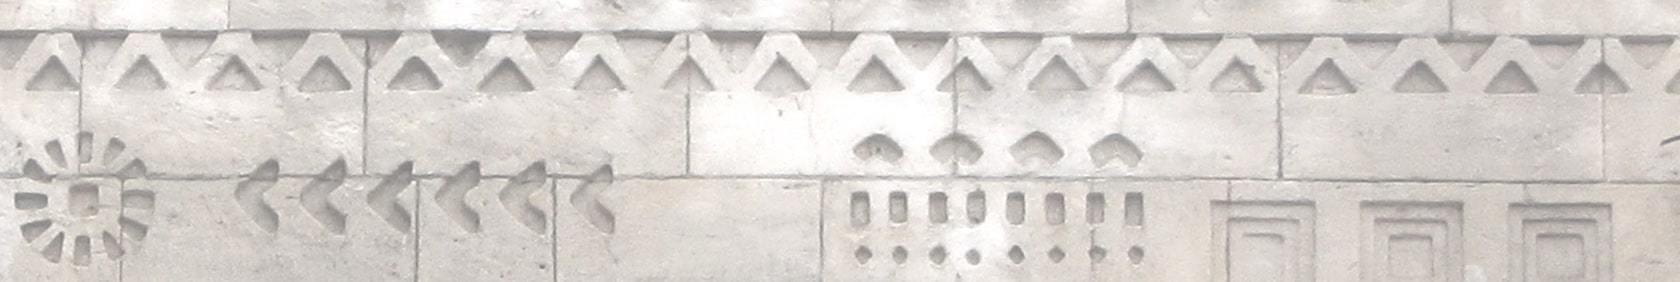 орнамент, мастерская прохрам, проектирование православных храмов